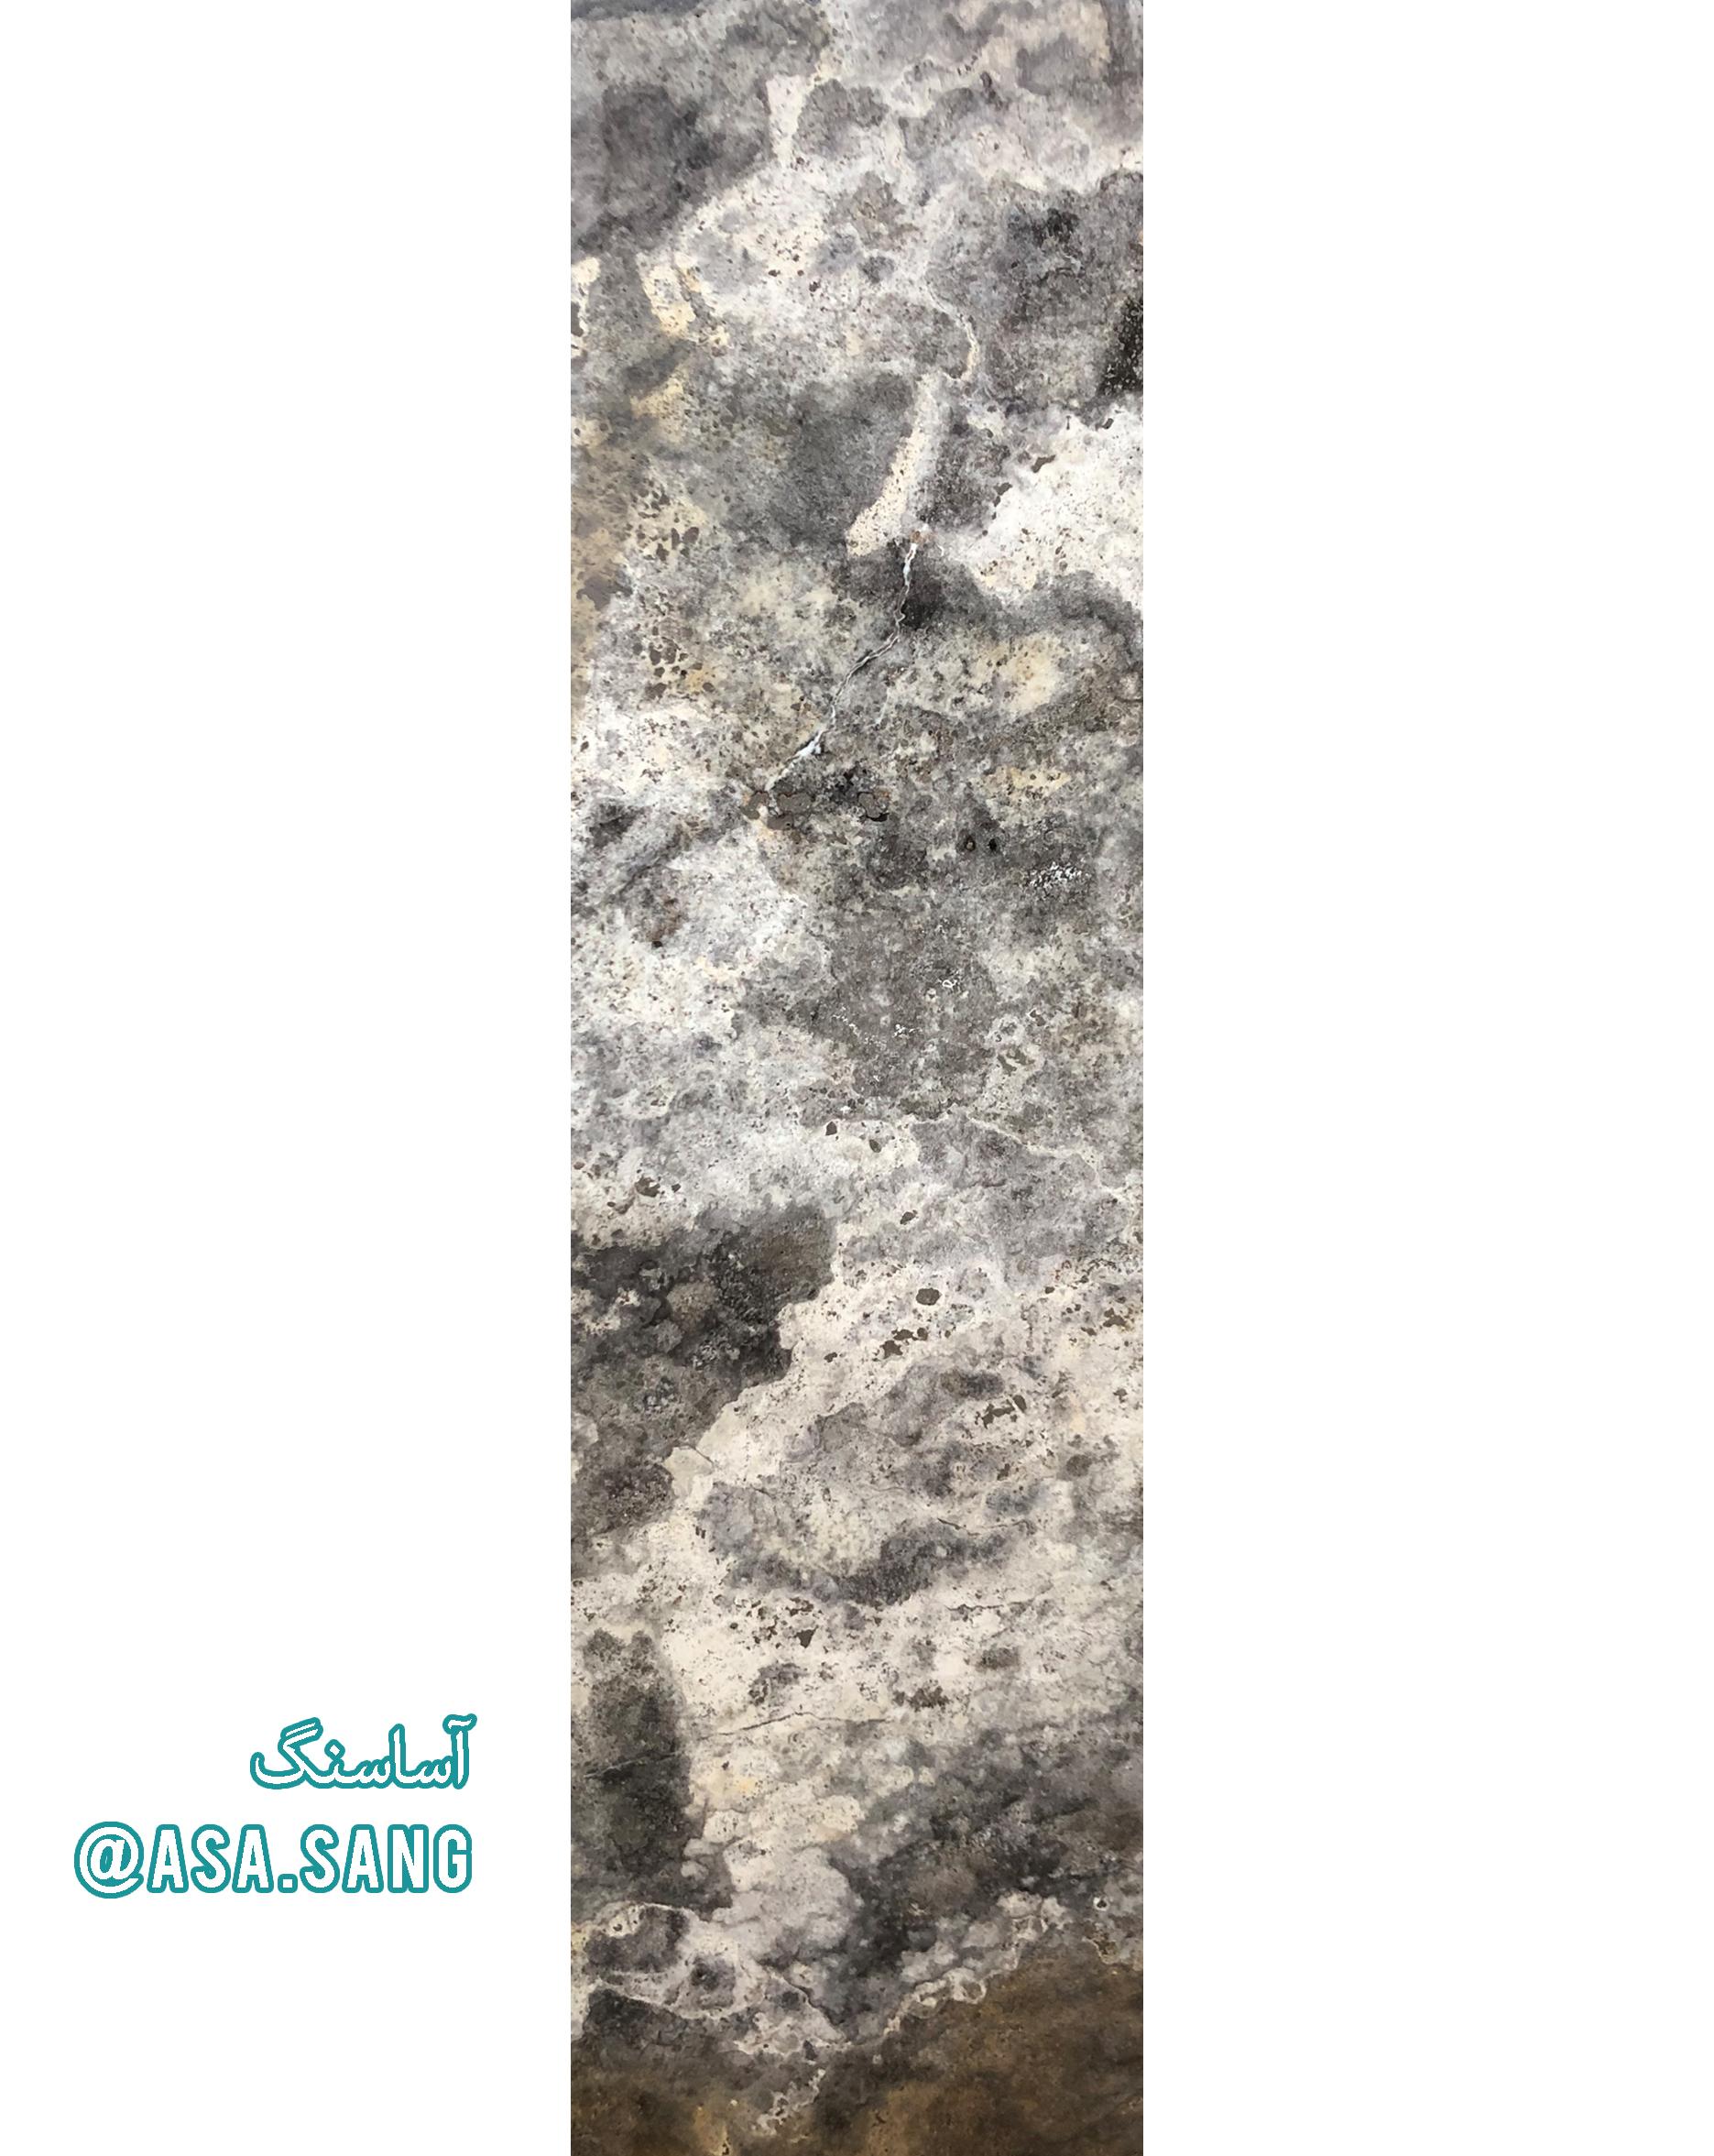 عکس محصول سنگ تراورتن سیلور (دودی) آذرشهر 2